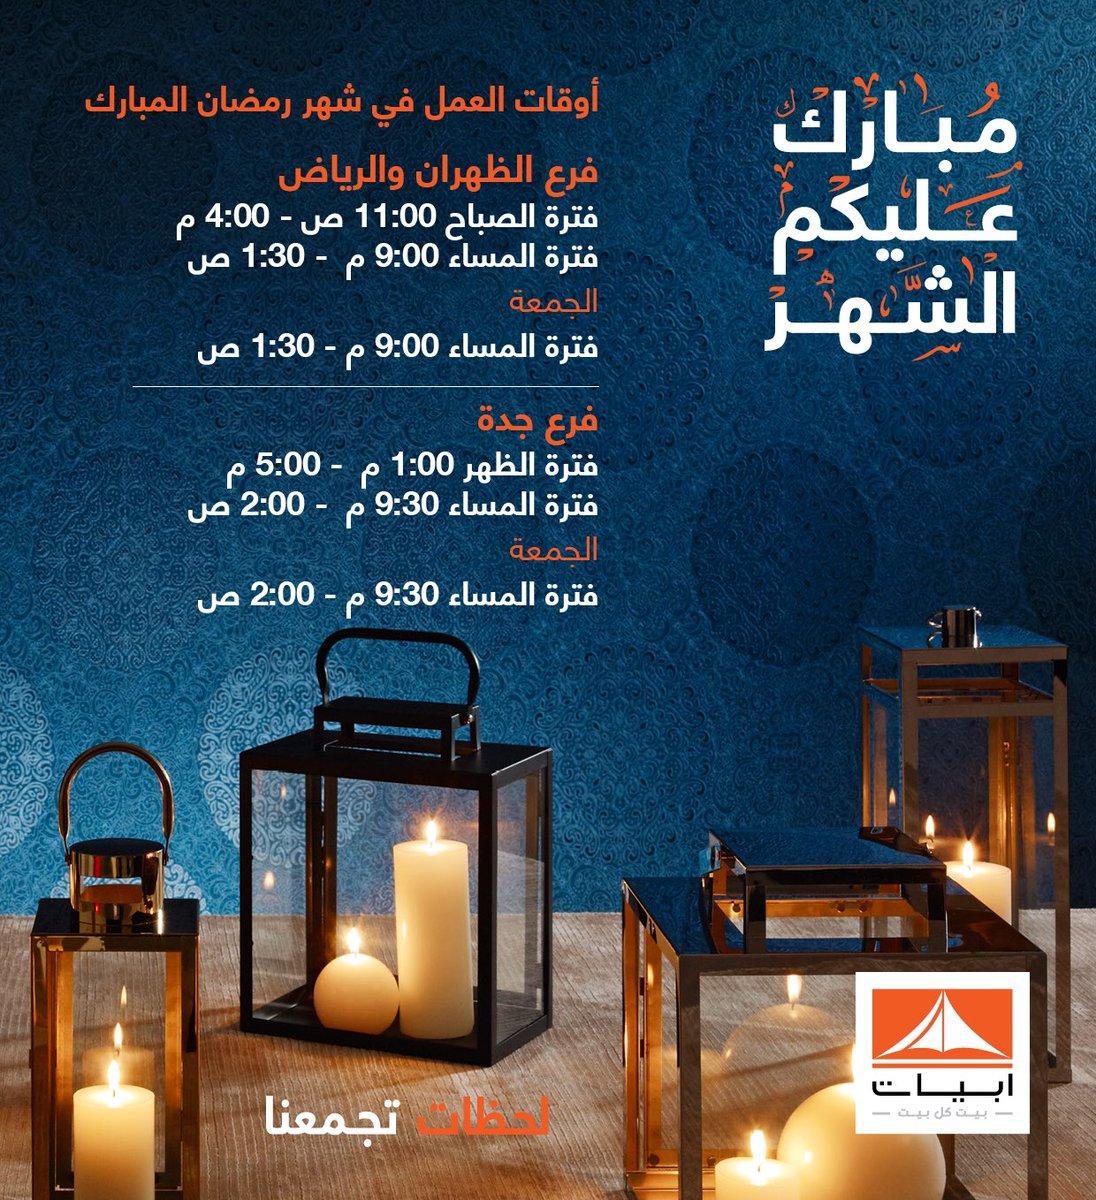 Abyat Ksa בטוויטר Munirakarim اوقات العمل حاليا لفرع الرياض من الساعة 4 عصرا حتى 11 مساء